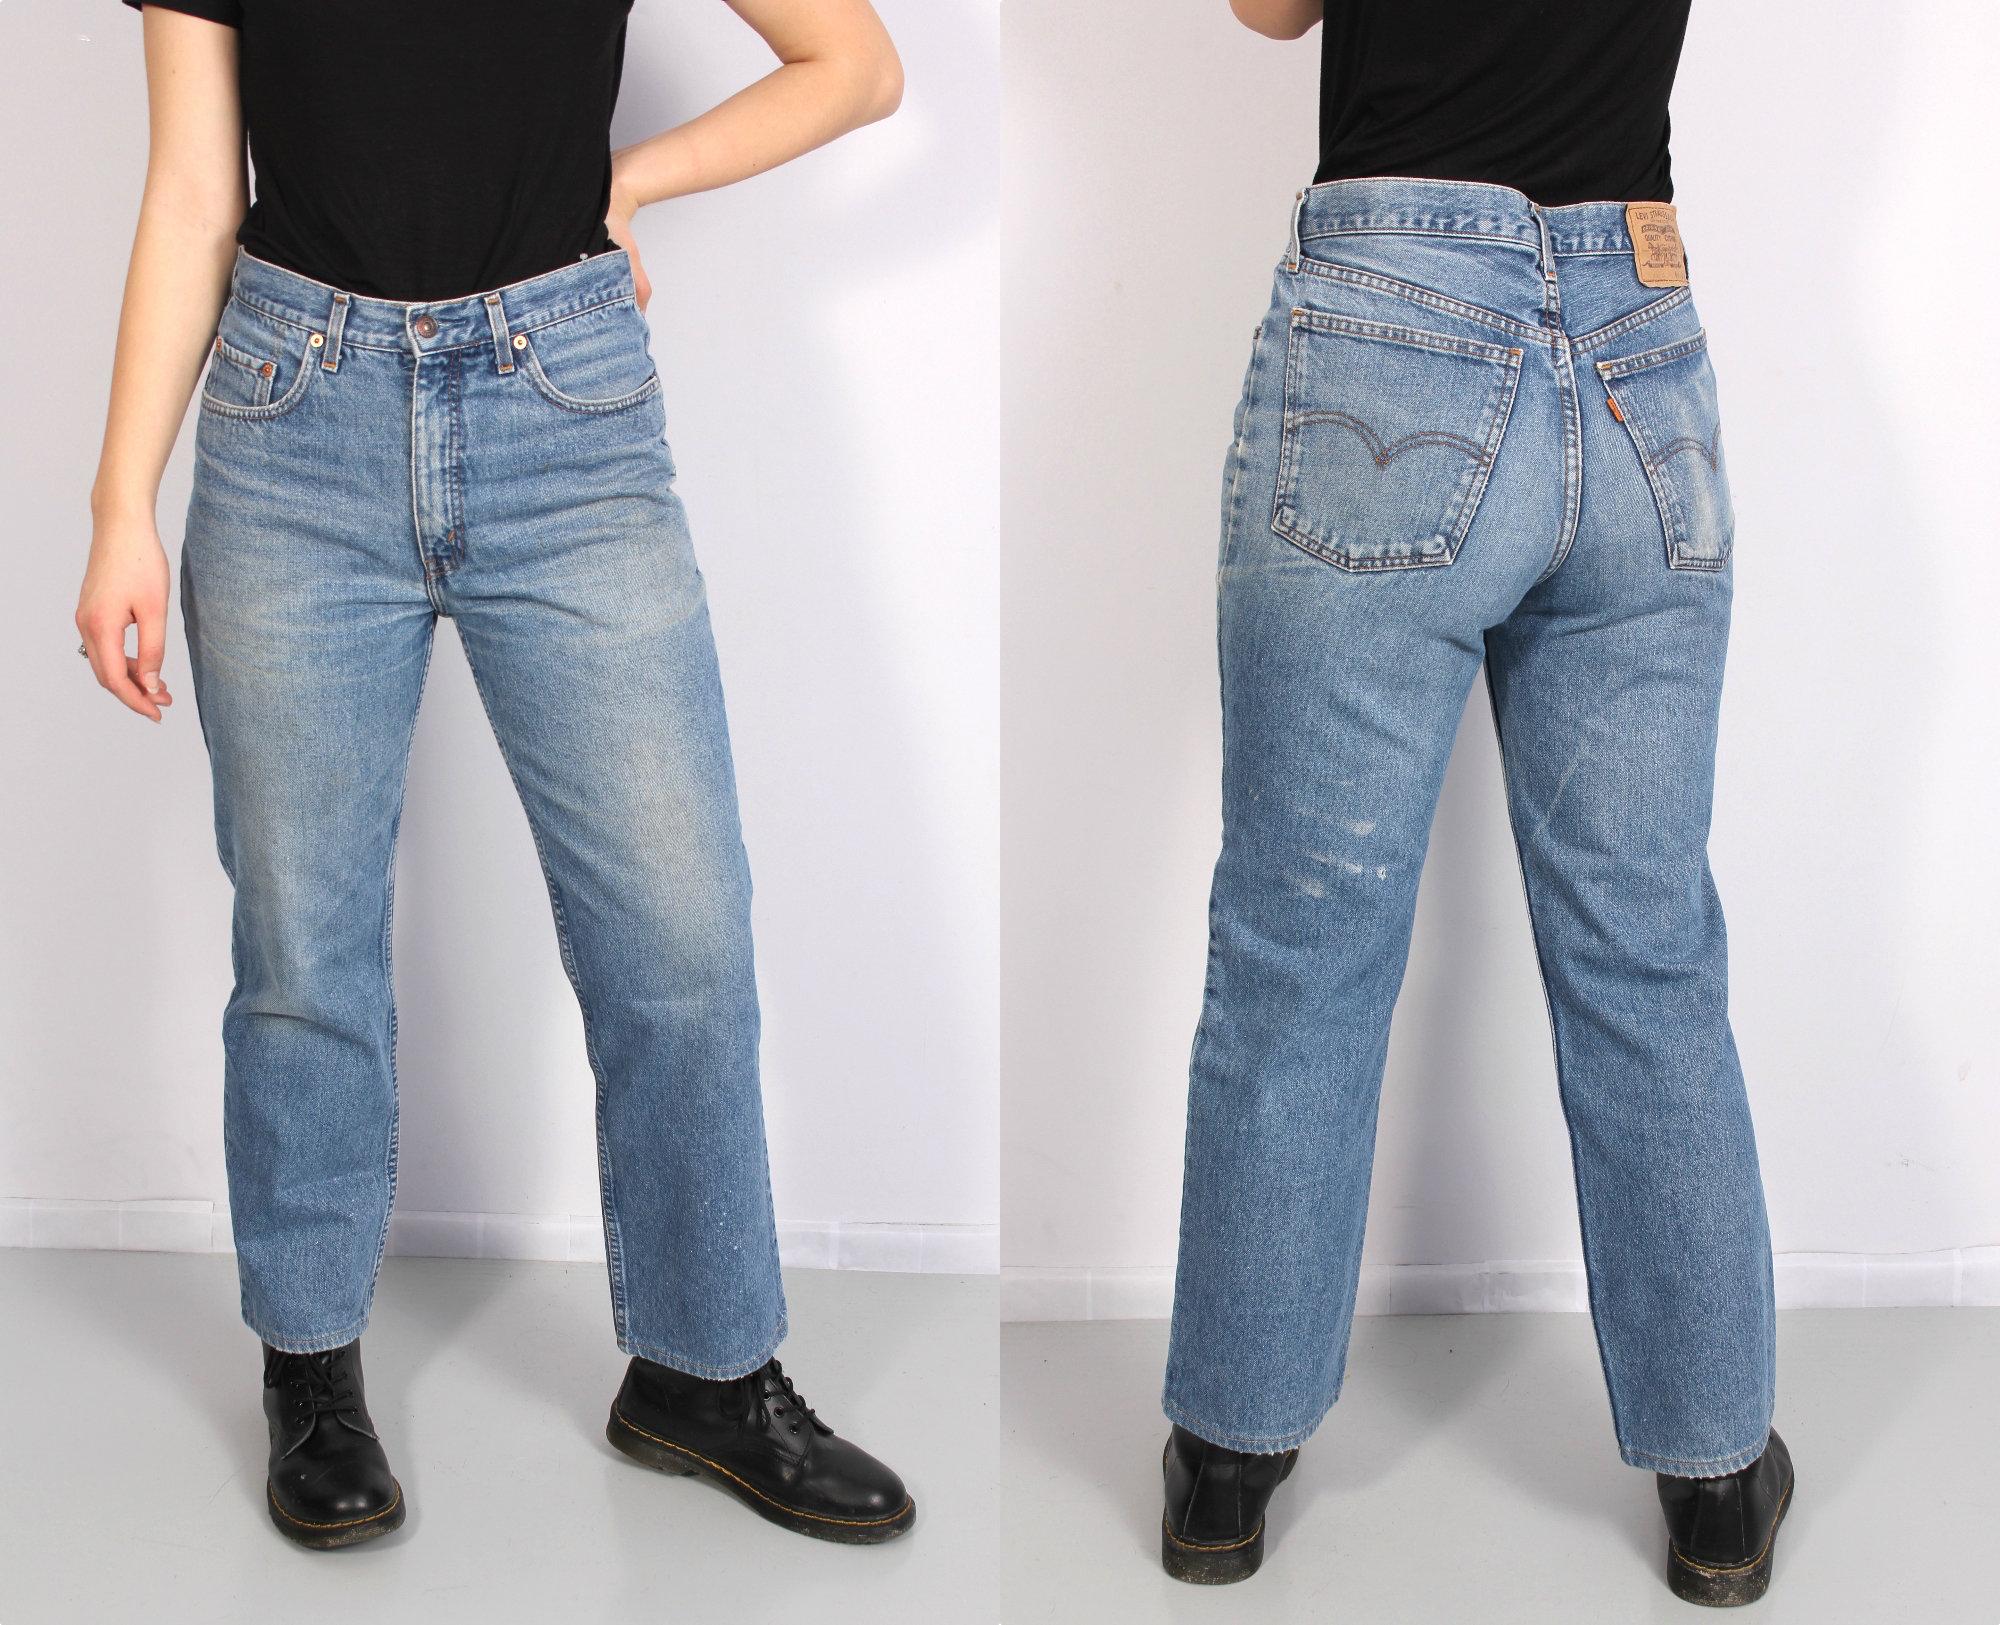 48f7413a Vintage Levis 630 Jeans / Levis W34 L36 Jeans / Blue Levis | Etsy